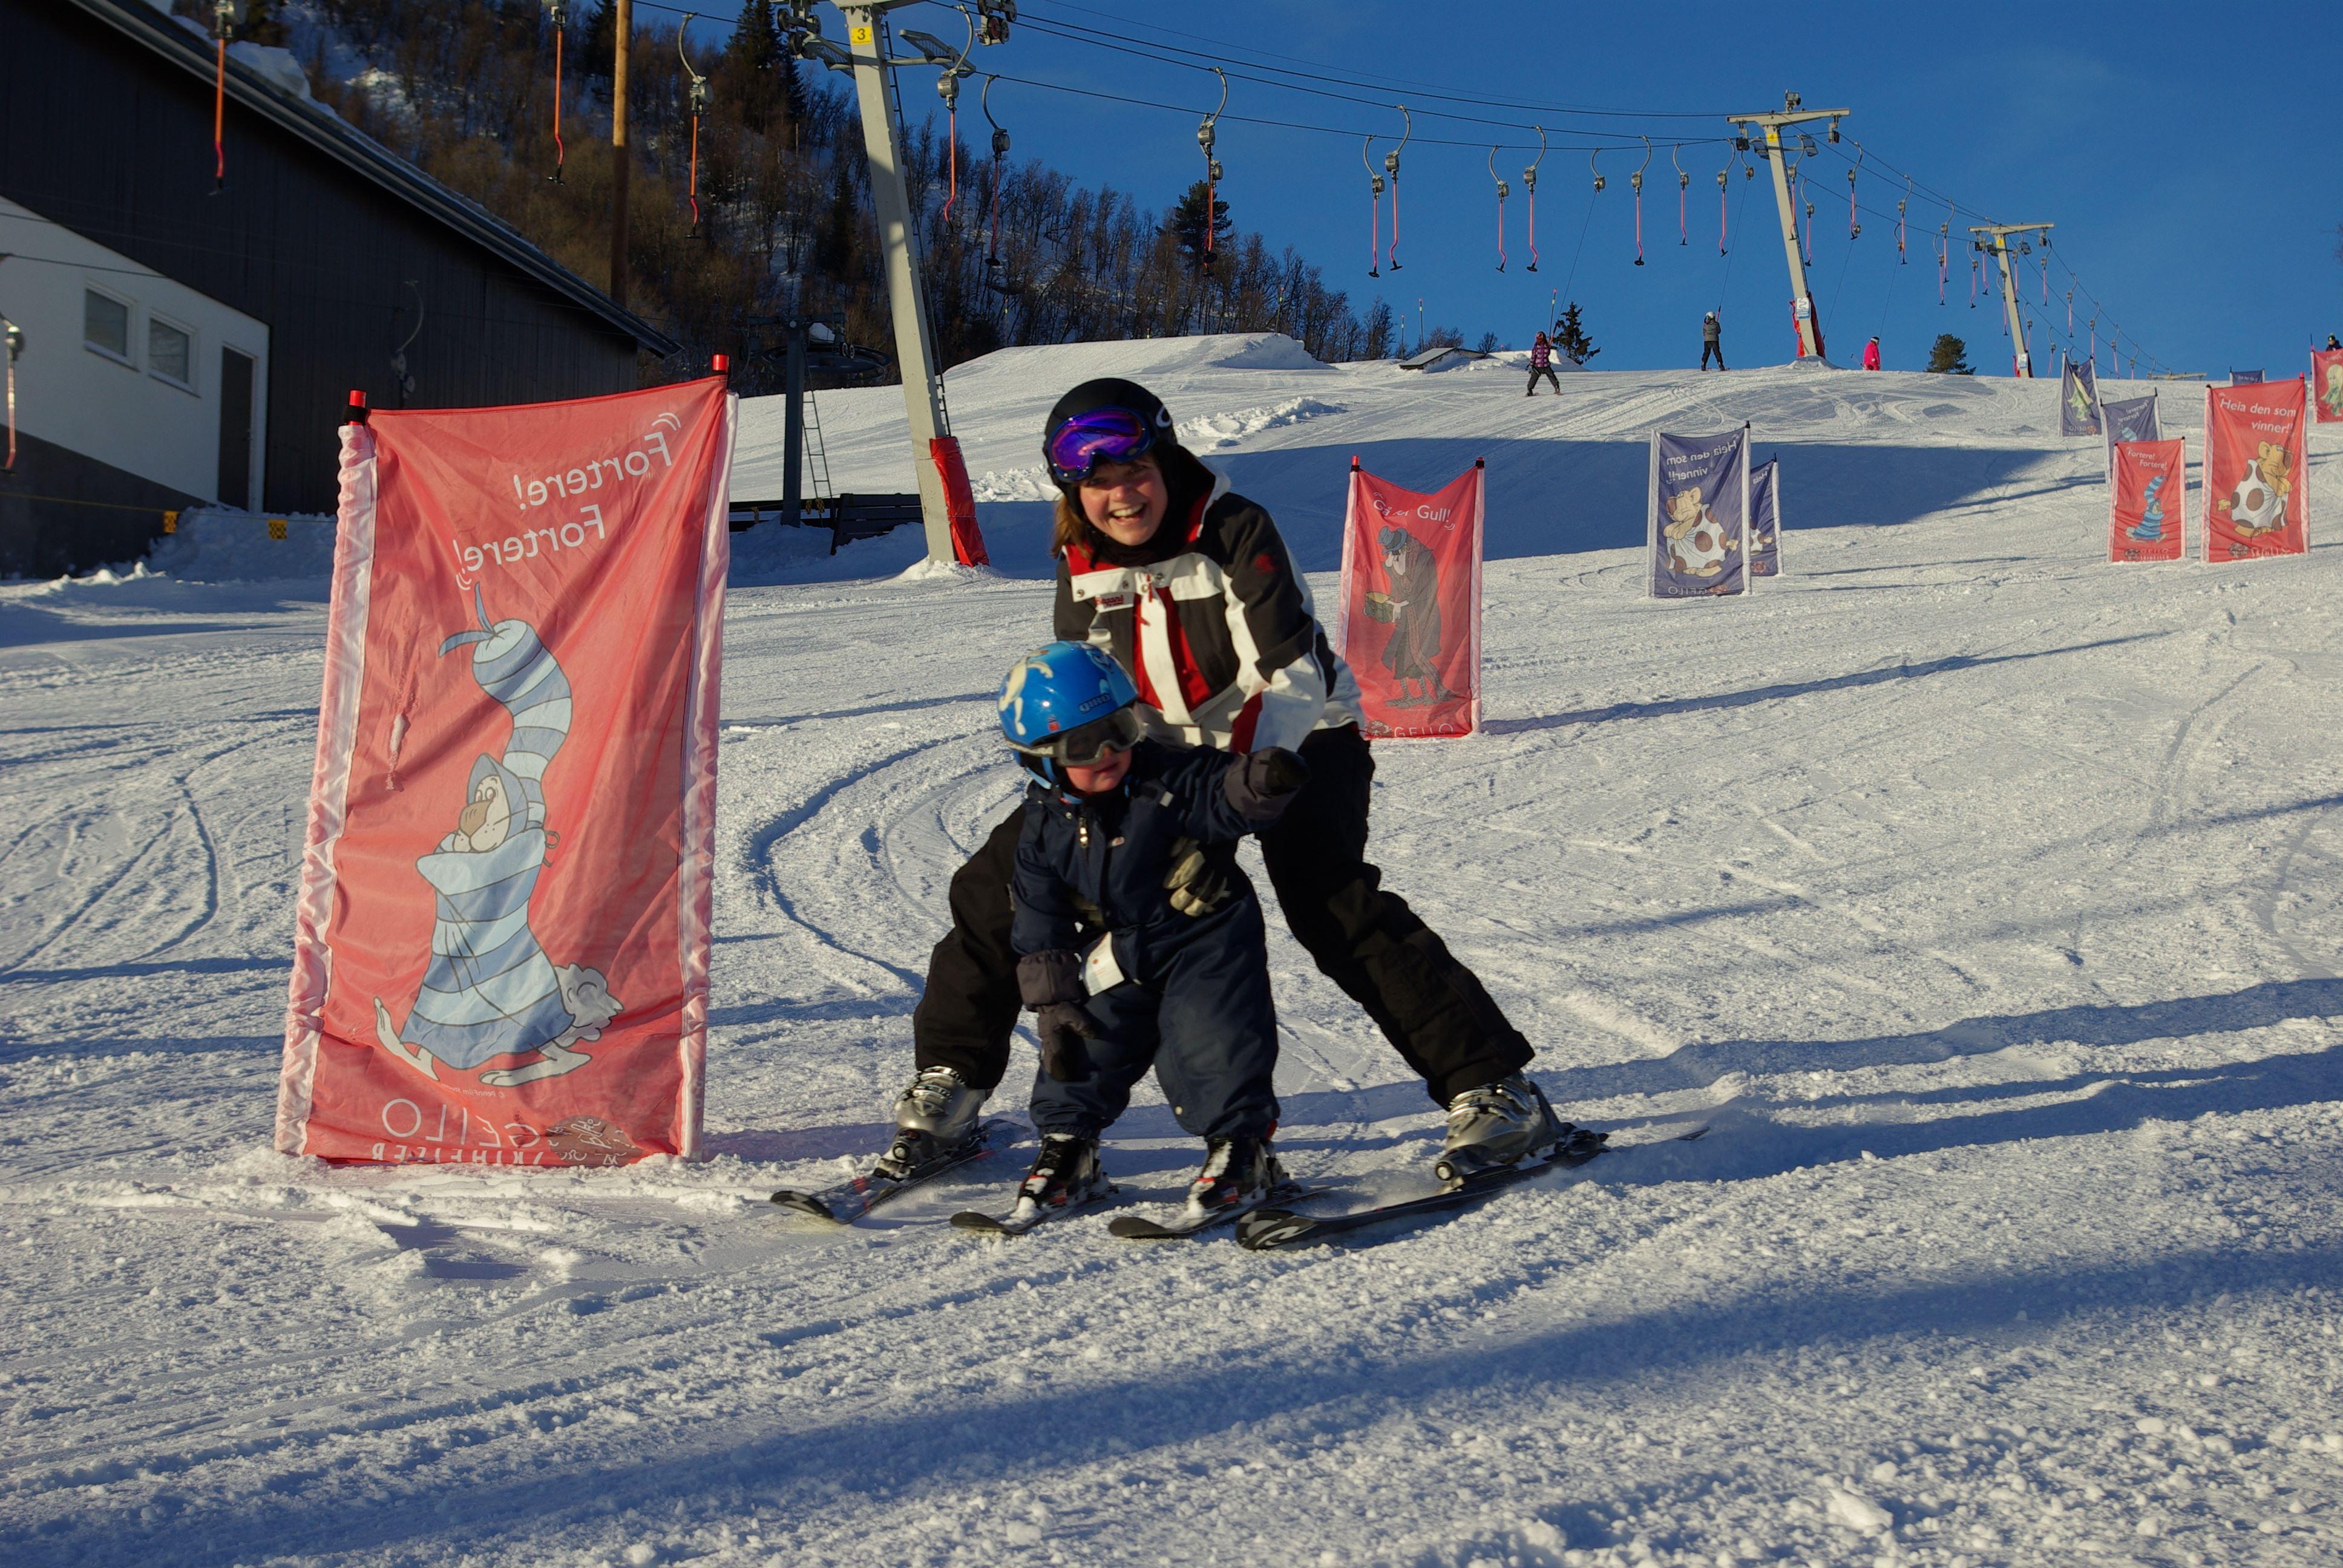 Slaatta Skisenter AS,  © Slaatta Skisenter AS, Privat ski instruksjon for barn mellom 2-4 år